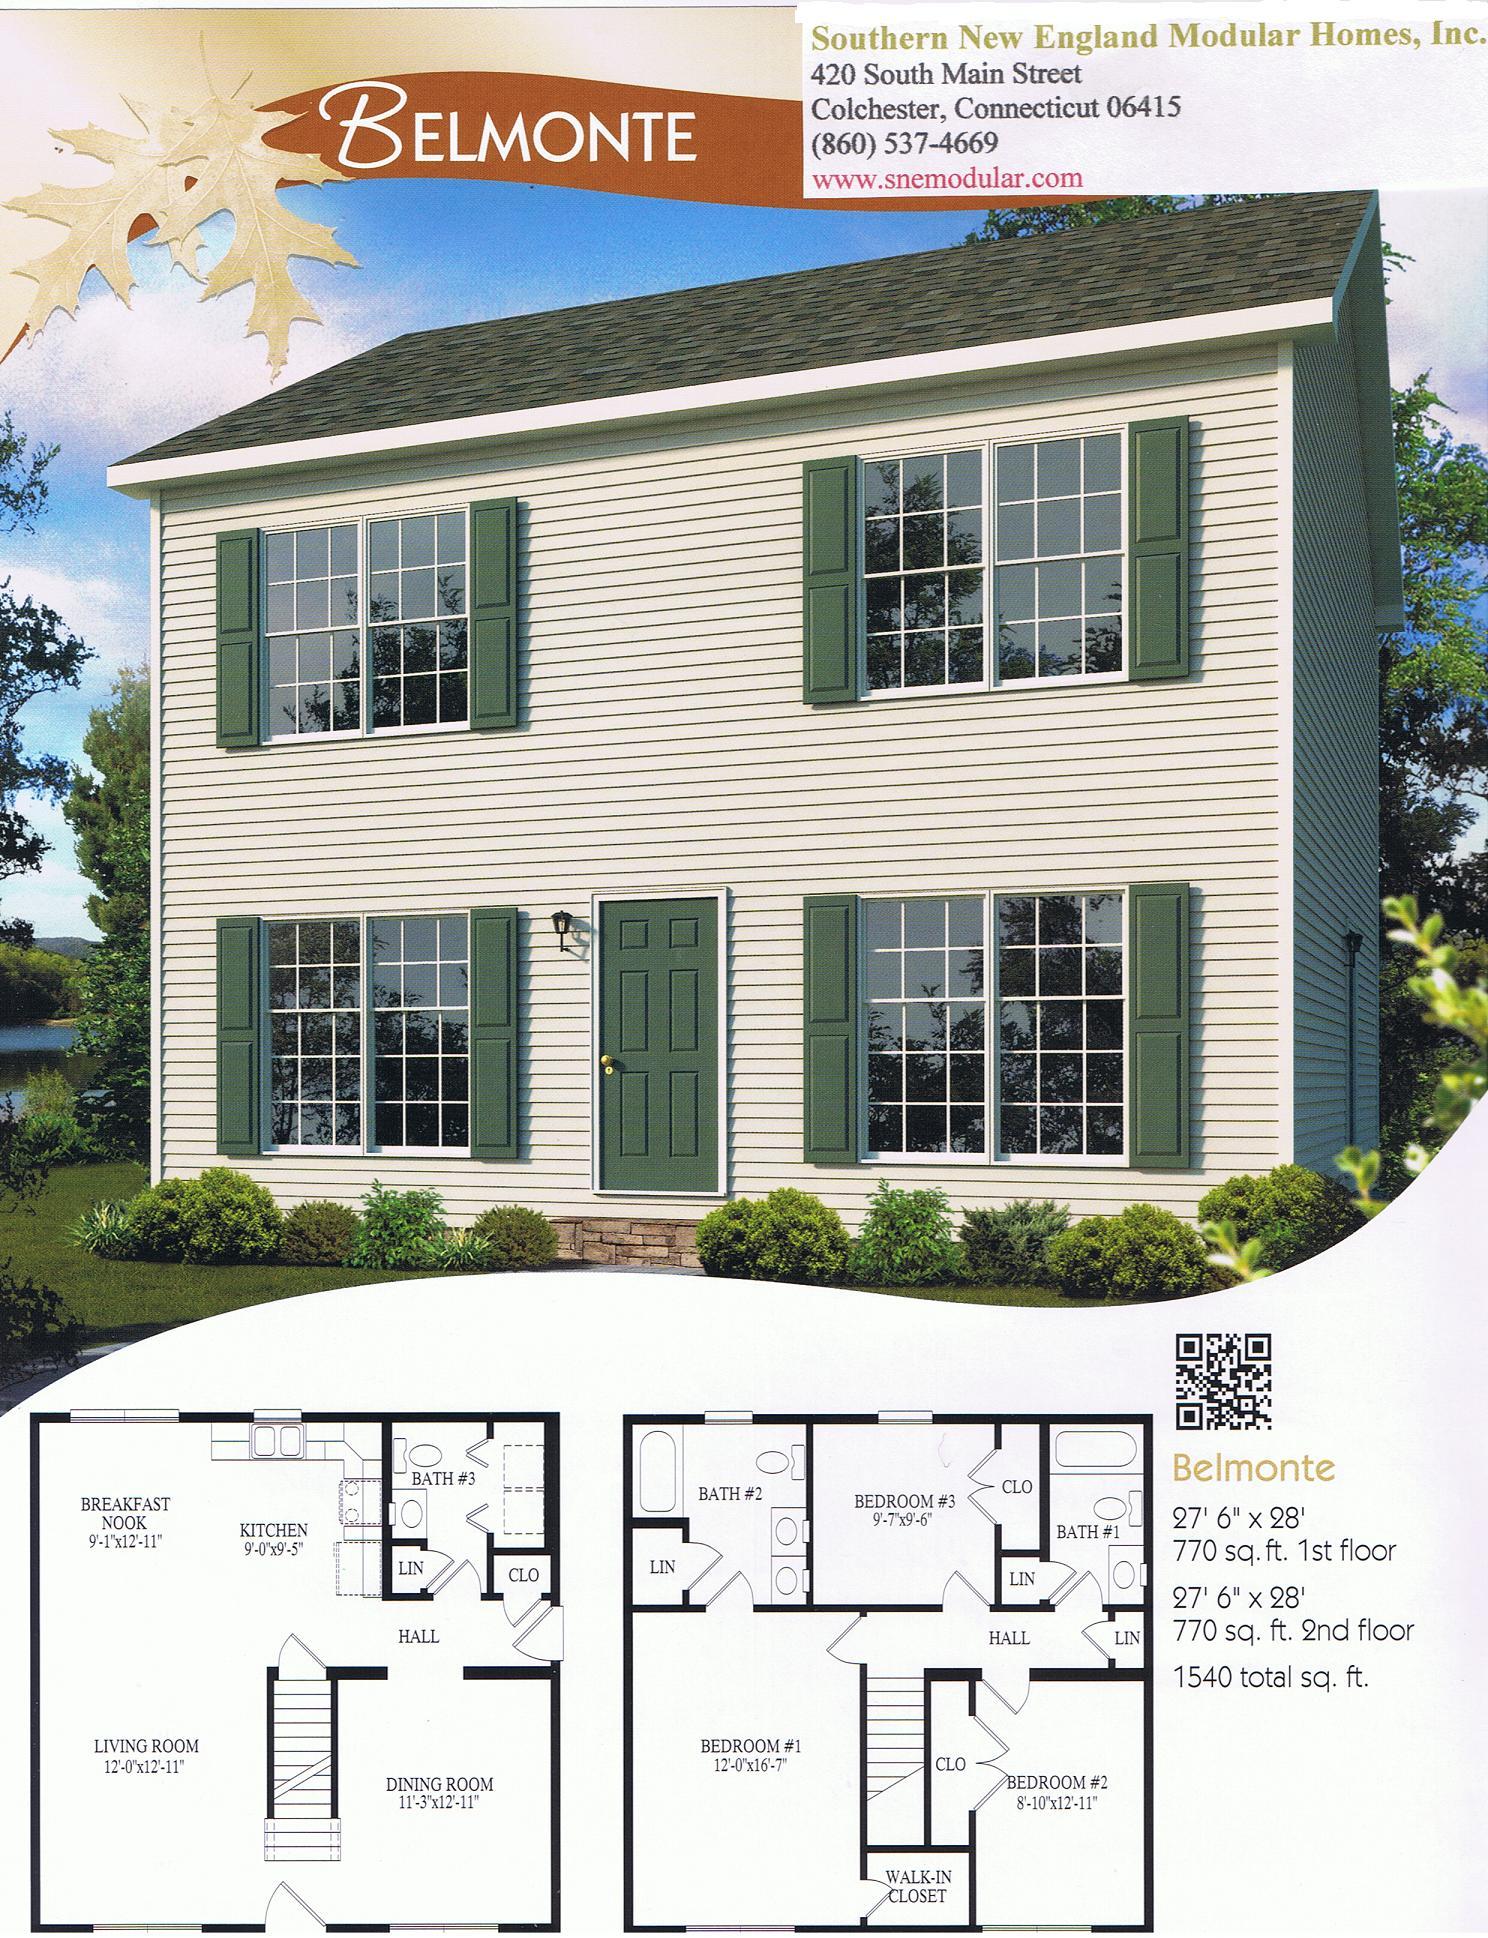 Colonial modular home floor plans gurus floor for Belmonte builders floor plans